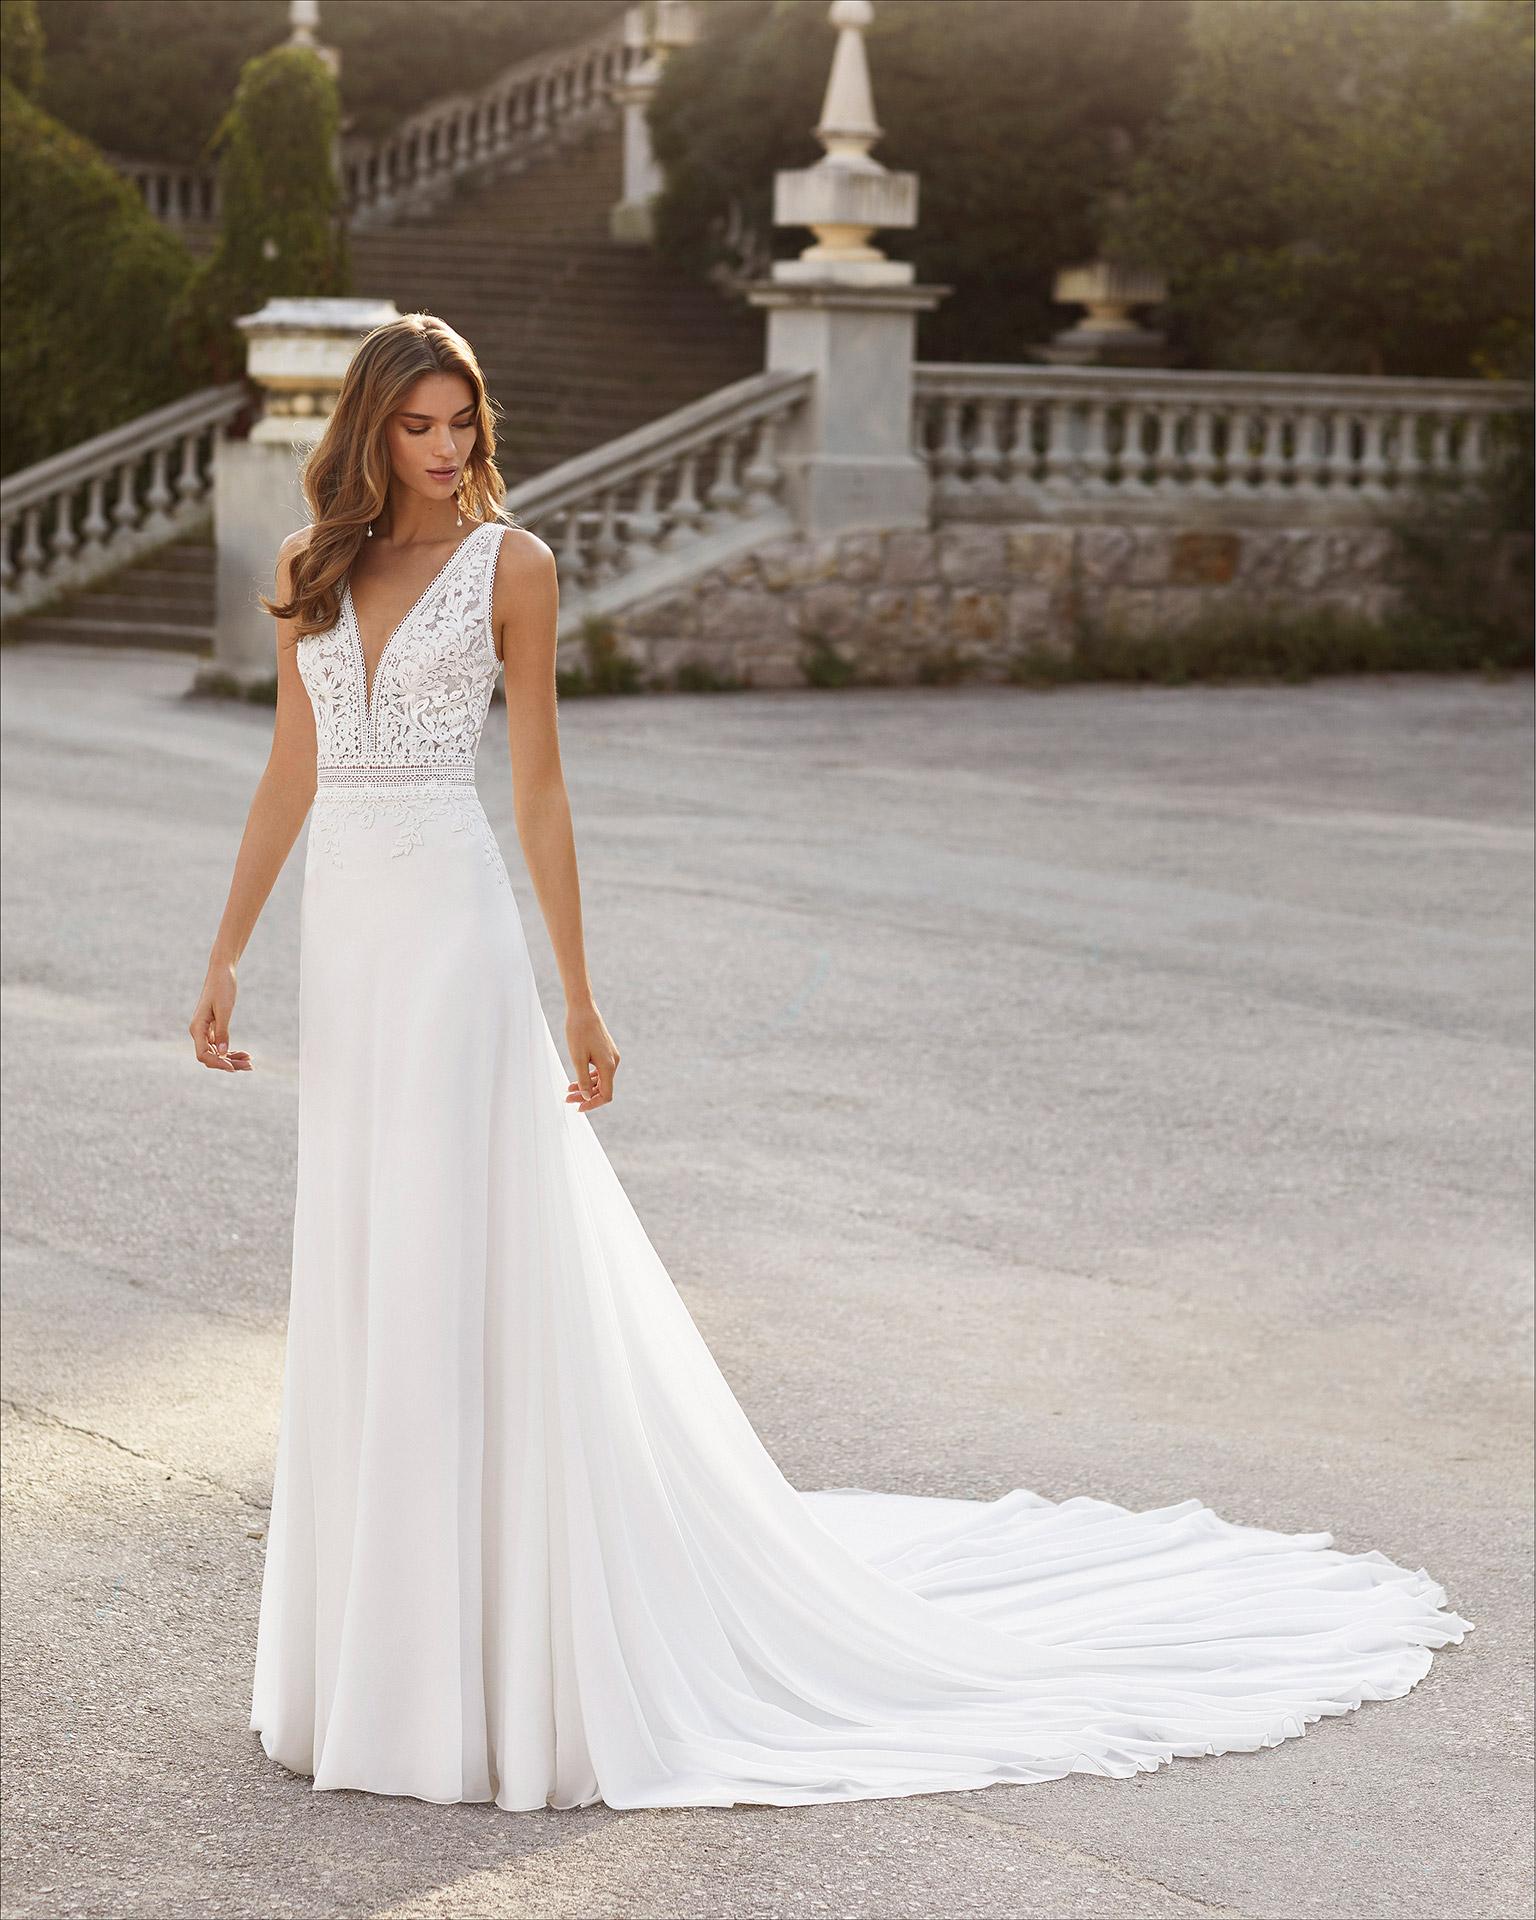 Vestido de novia corte evasé de gasa y encaje. Escote deep plunge y espalda en V. Colección  2021.